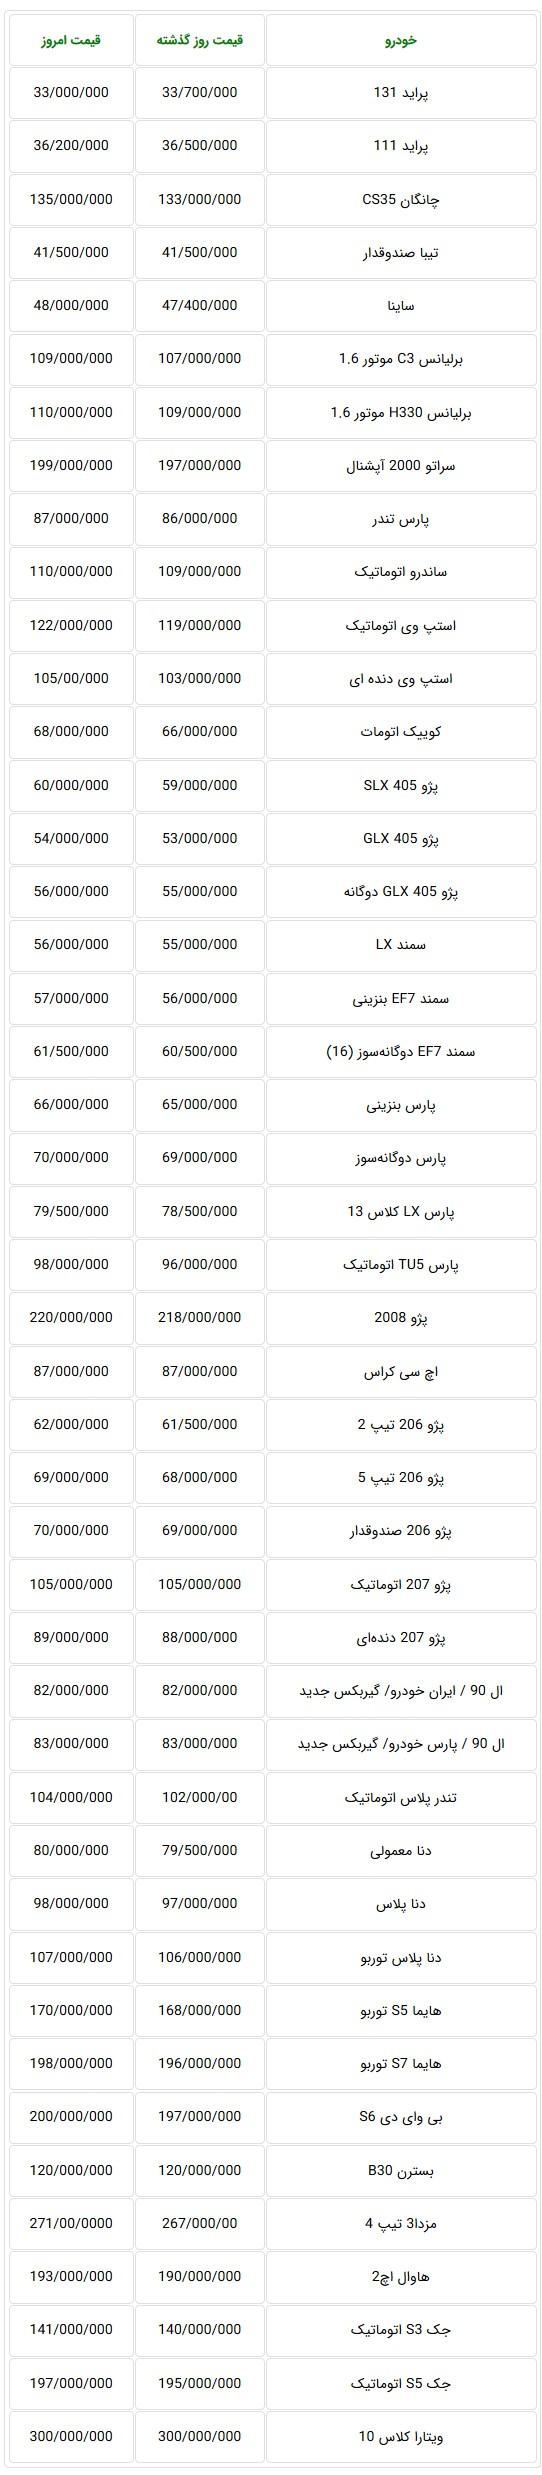 اعلام قیمت جدید خودروهای داخلی امروز سهشنبه در بازار تهران